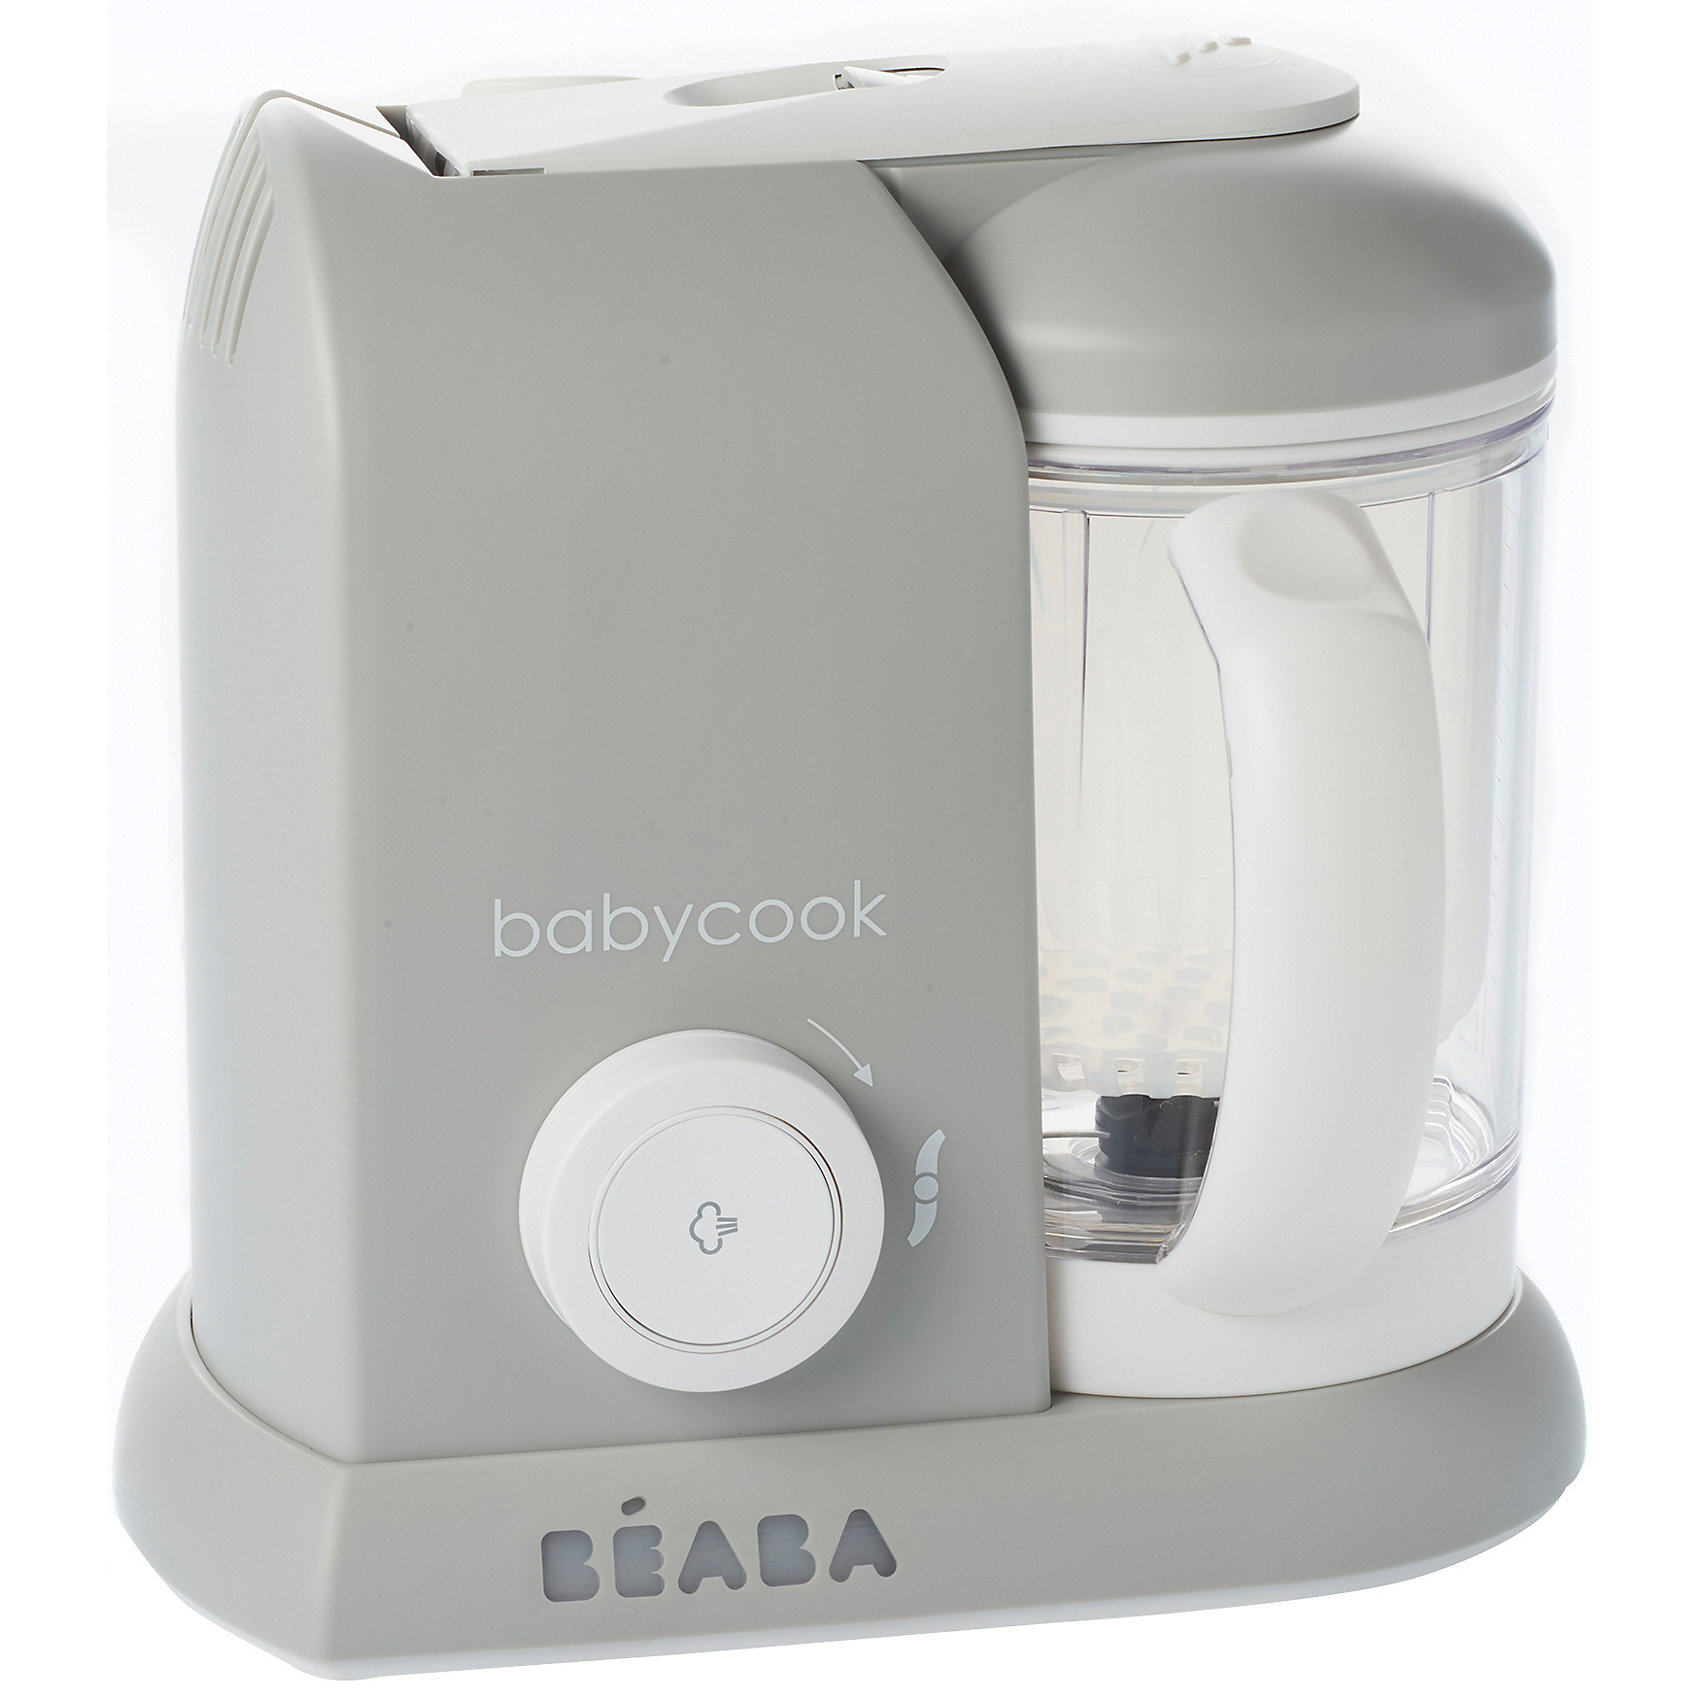 Блендер-пароварка Babycook, Beaba, GREY EUДетская бытовая техника<br>Блендер-пароварка Babycook, Beaba (Беаба), GREY EU<br><br>Характеристики:<br><br>• готовит на пару, измельчает готовые продукты, размораживает и подогревает<br>• готовит мясо, овощи и другие продукты за 15 минут<br>• крышка легко открывается и закрывается<br>• автоматическое отключение<br>• звуковой сигнал<br>• экран с подсветкой<br>• легкая и компактная<br>• объем кувшина: 1100 мл<br>• управление: механическое<br>• в комплекте: нож для измельчения, лопатка, паровая корзина, крышка чаши с фильтром для фруктовых коктейлей, книга с рецептами для малышей<br>• материал: пластик, металл<br>• размер: 27,5х19х25 см<br>• вес: 2200 грамм<br>• размер упаковки: 28х25х20 см<br>• цвет: серый<br><br>Блендер-пароварка Babycook - прекрасный помощник для мам. Он совмещает 4 важных функции: приготовление на пару, измельчение и приготовление пюре, размораживание и подогрев. Вы всегда будете знать, какие продукты входят в еду ребенка и сможете самостоятельно выбрать нужную консистенцию. Блендер-пароварка оснащена экраном с подсветкой, звуковым сигналом при окончании приготовления и автоматическим отключением. <br><br>Процесс приготовления на пару занимает не более 20 минут. Специальный механизм позволит вам открыть и закрыть крышку кувшина одной рукой. Пароварка очень легкая и компактная - она не займет много места на кухне. В комплект входит книга с рецептами для малышей от 6 месяцев до двух лет.<br><br>Блендер-пароварка Babycook, Beaba (Беаба), GREY EU можно купить в нашем интернет-магазине.<br><br>Ширина мм: 240<br>Глубина мм: 180<br>Высота мм: 240<br>Вес г: 2400<br>Возраст от месяцев: 4<br>Возраст до месяцев: 2147483647<br>Пол: Унисекс<br>Возраст: Детский<br>SKU: 5445709